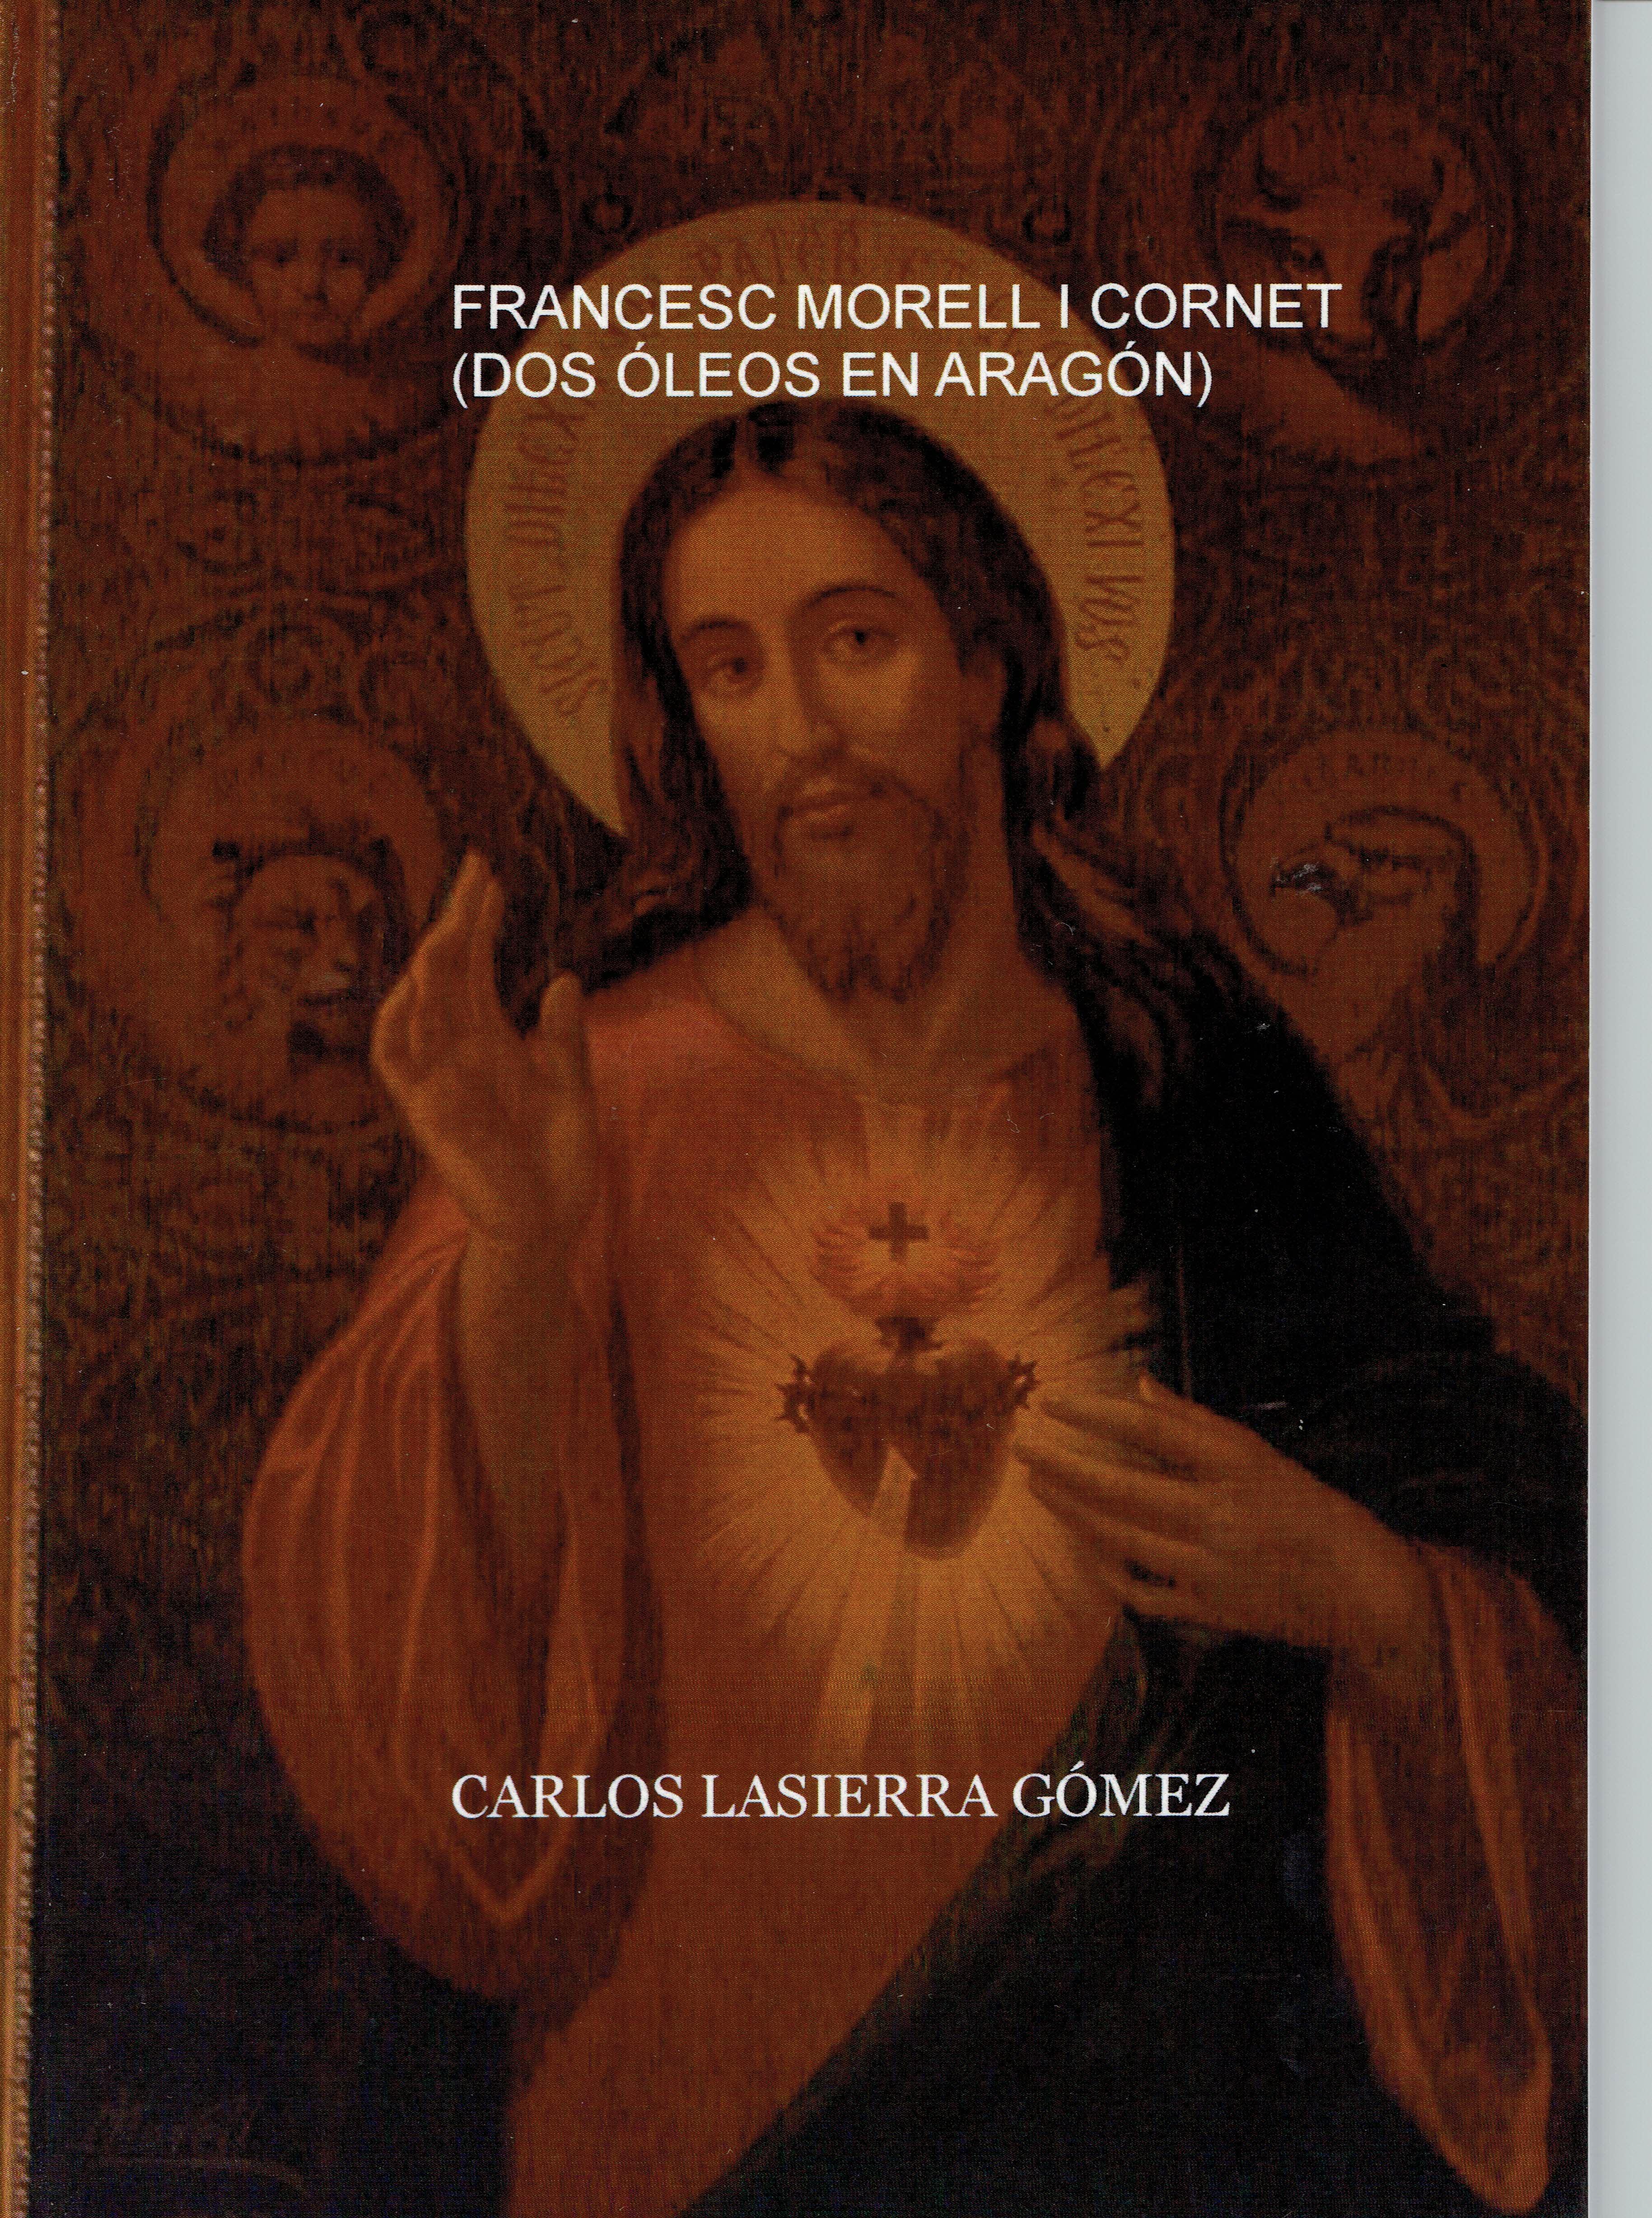 Francesc Morell i Cornet (Dos óleos